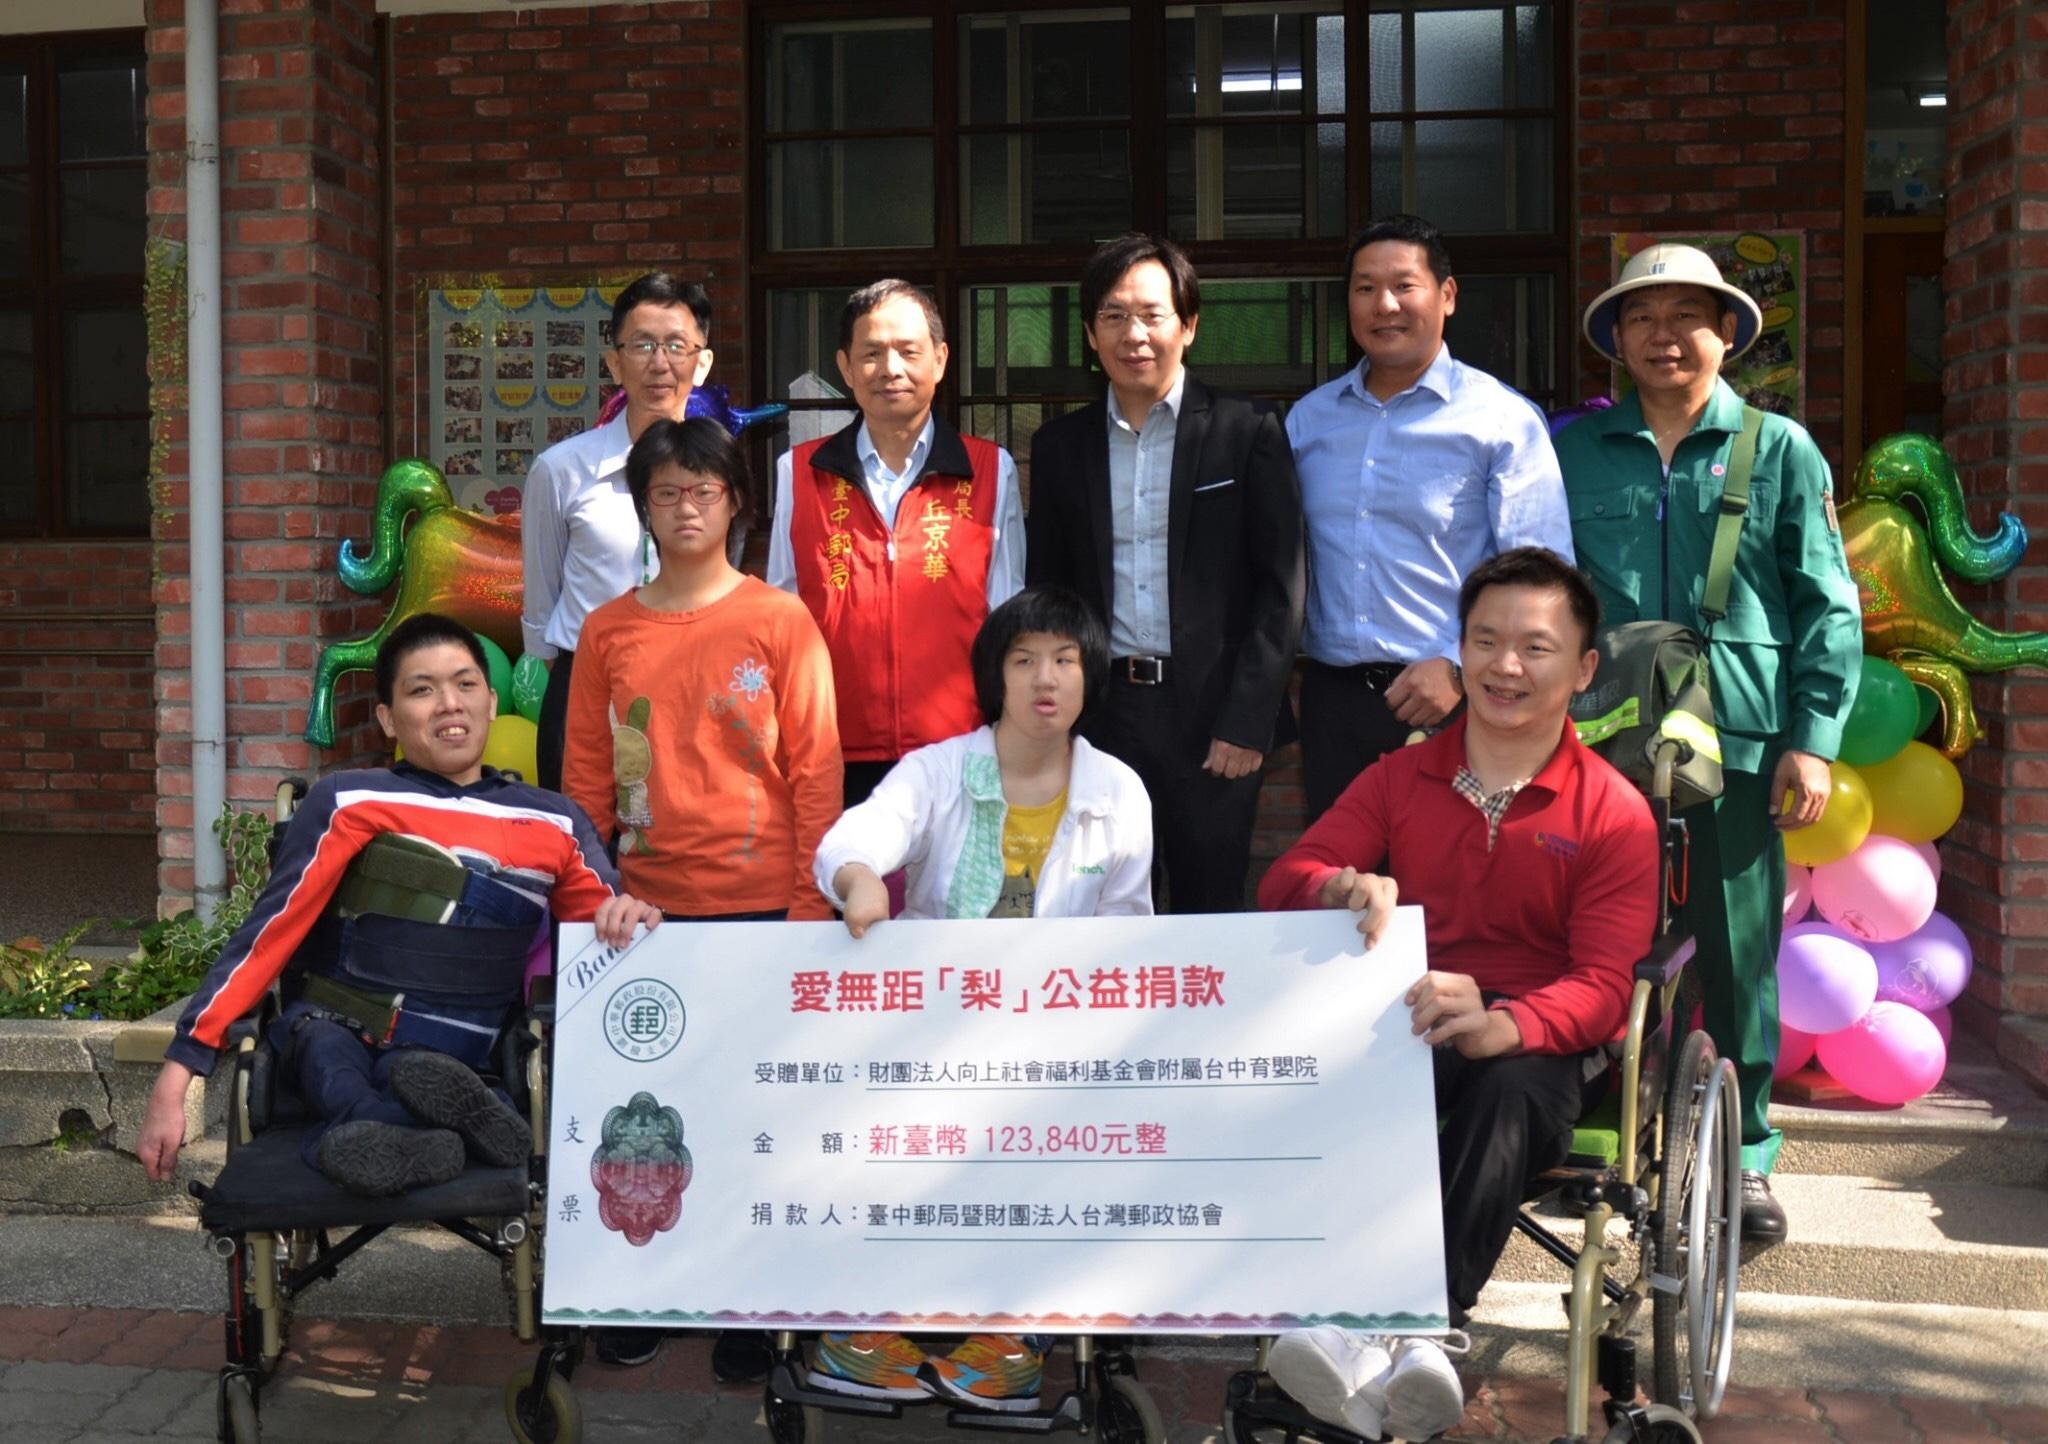 11月-臺中郵局愛無距『梨』舉辦『公益捐贈儀式』